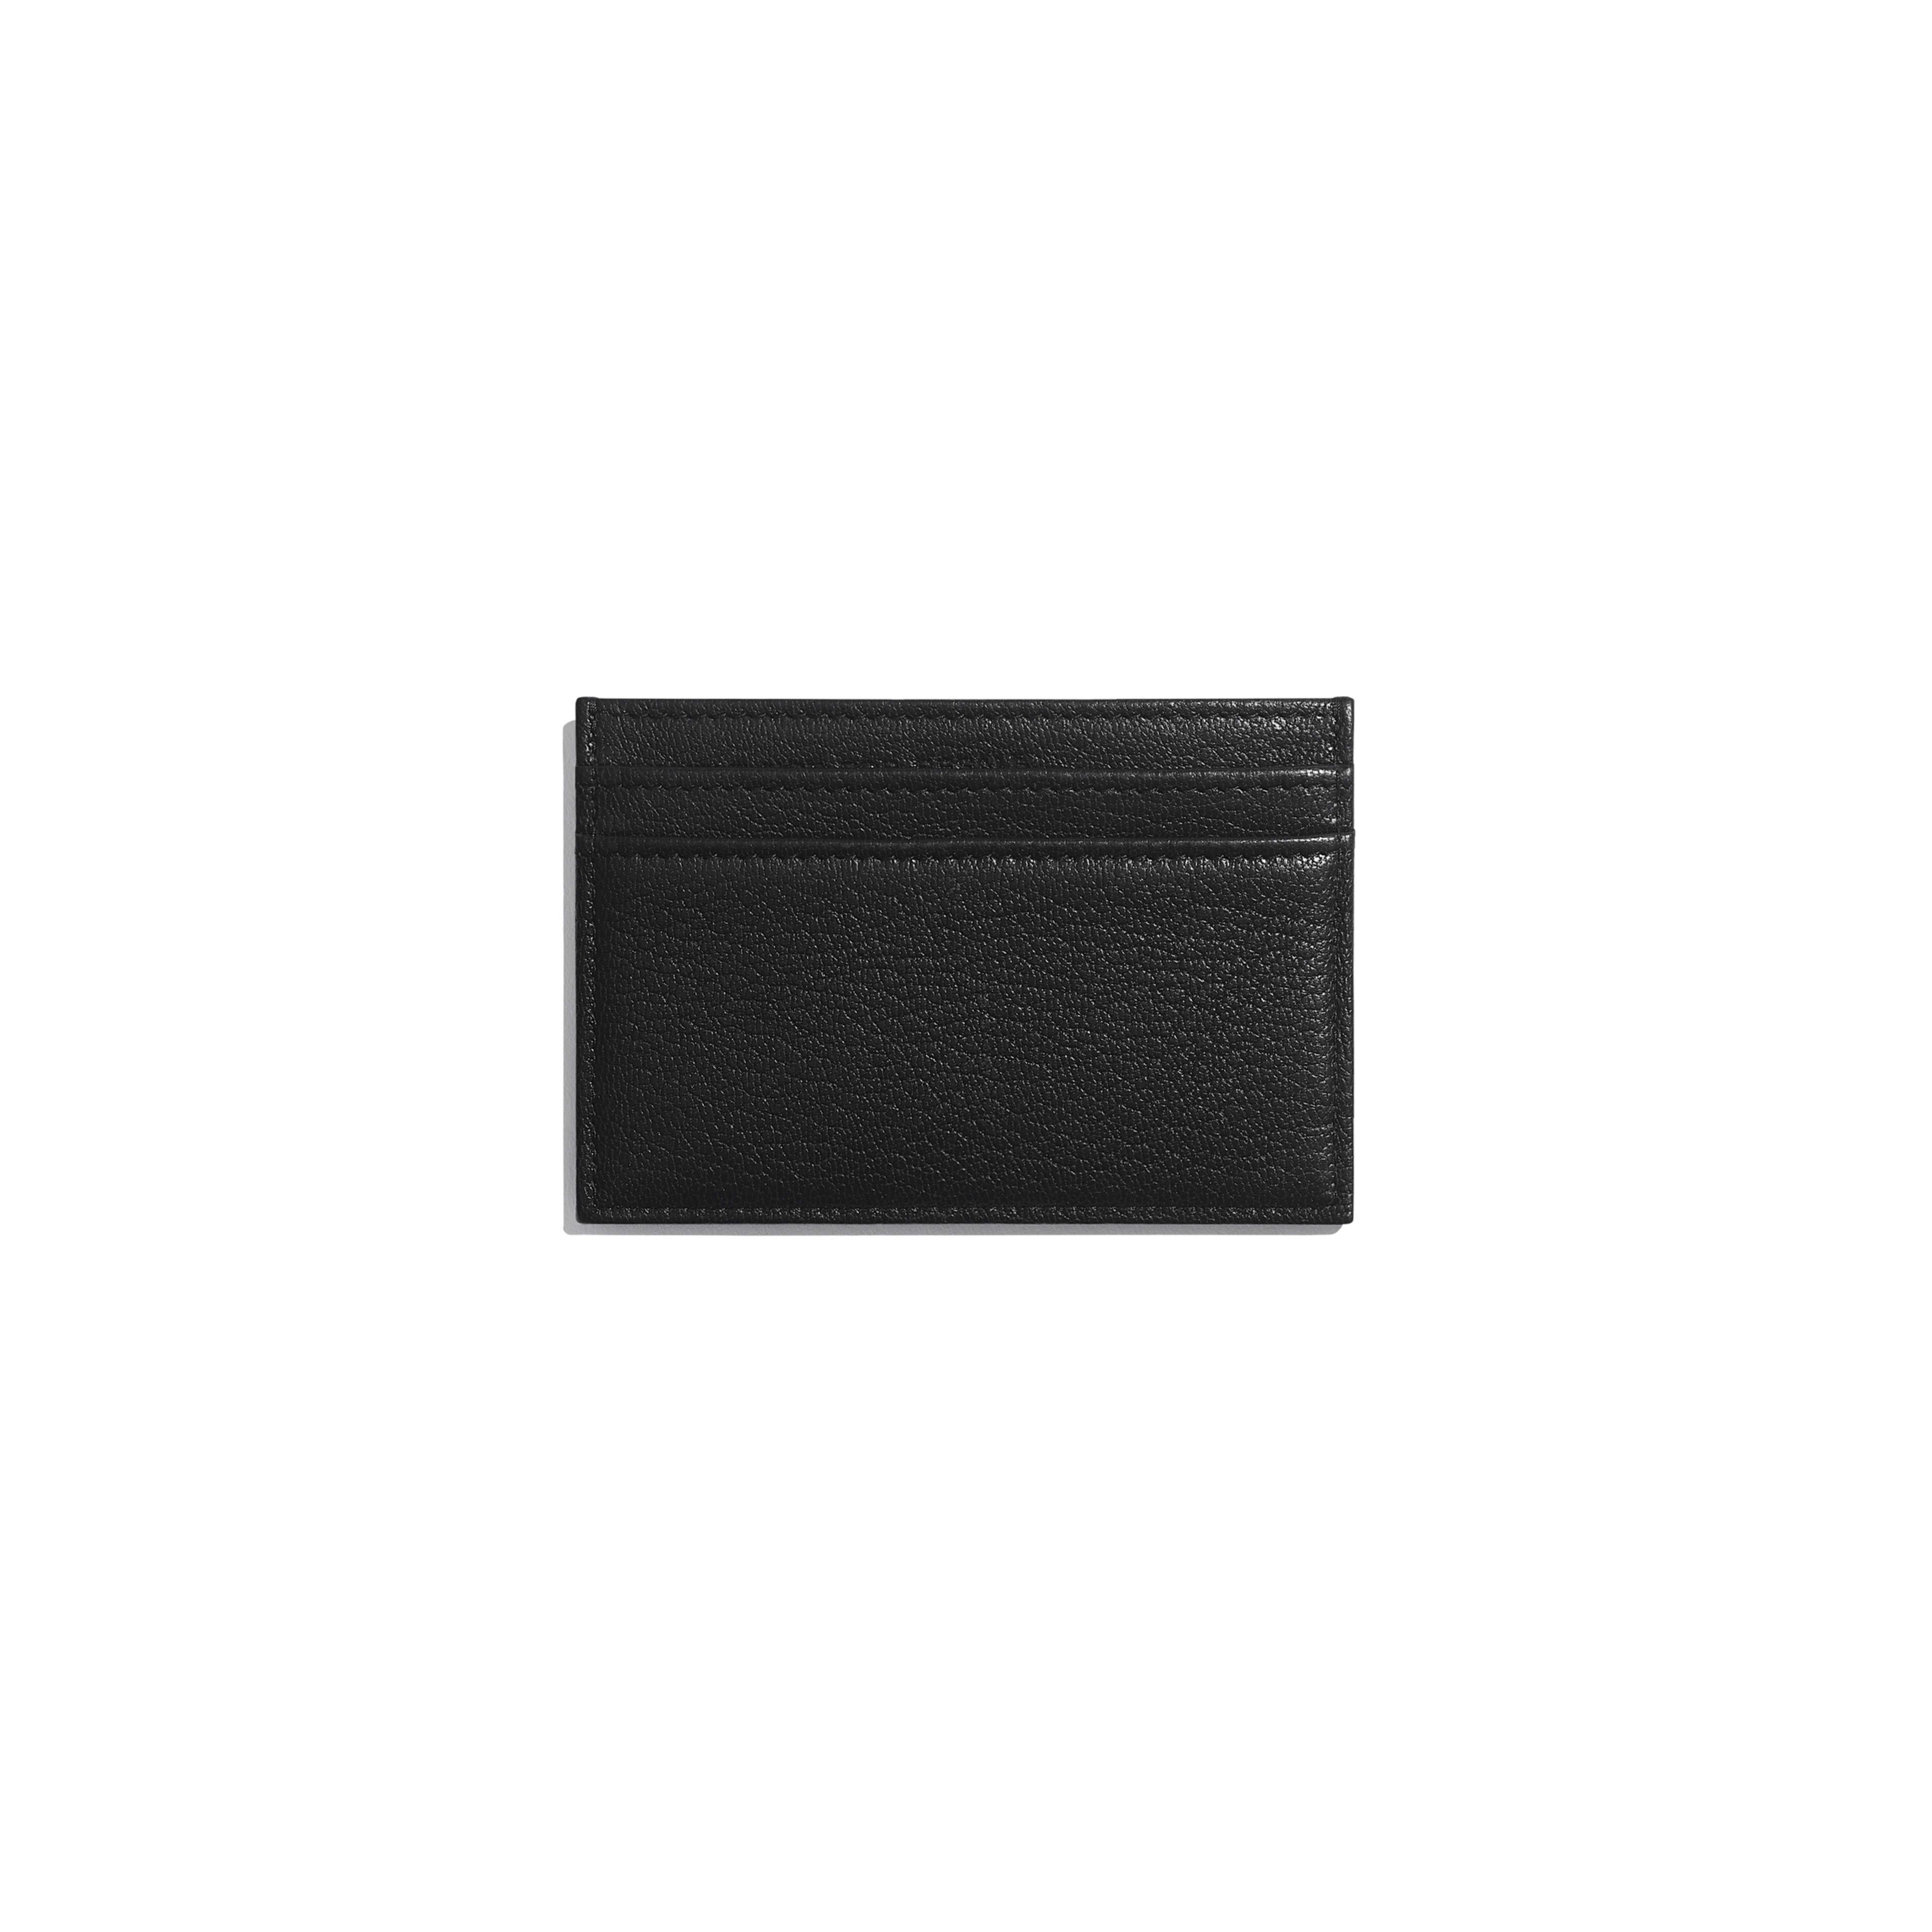 กระเป๋านามบัตร - สีดำ - หนังแพะและโลหะสีเงินเคลือบเงา - มุมมองทางอื่น - ดูเวอร์ชันขนาดเต็ม